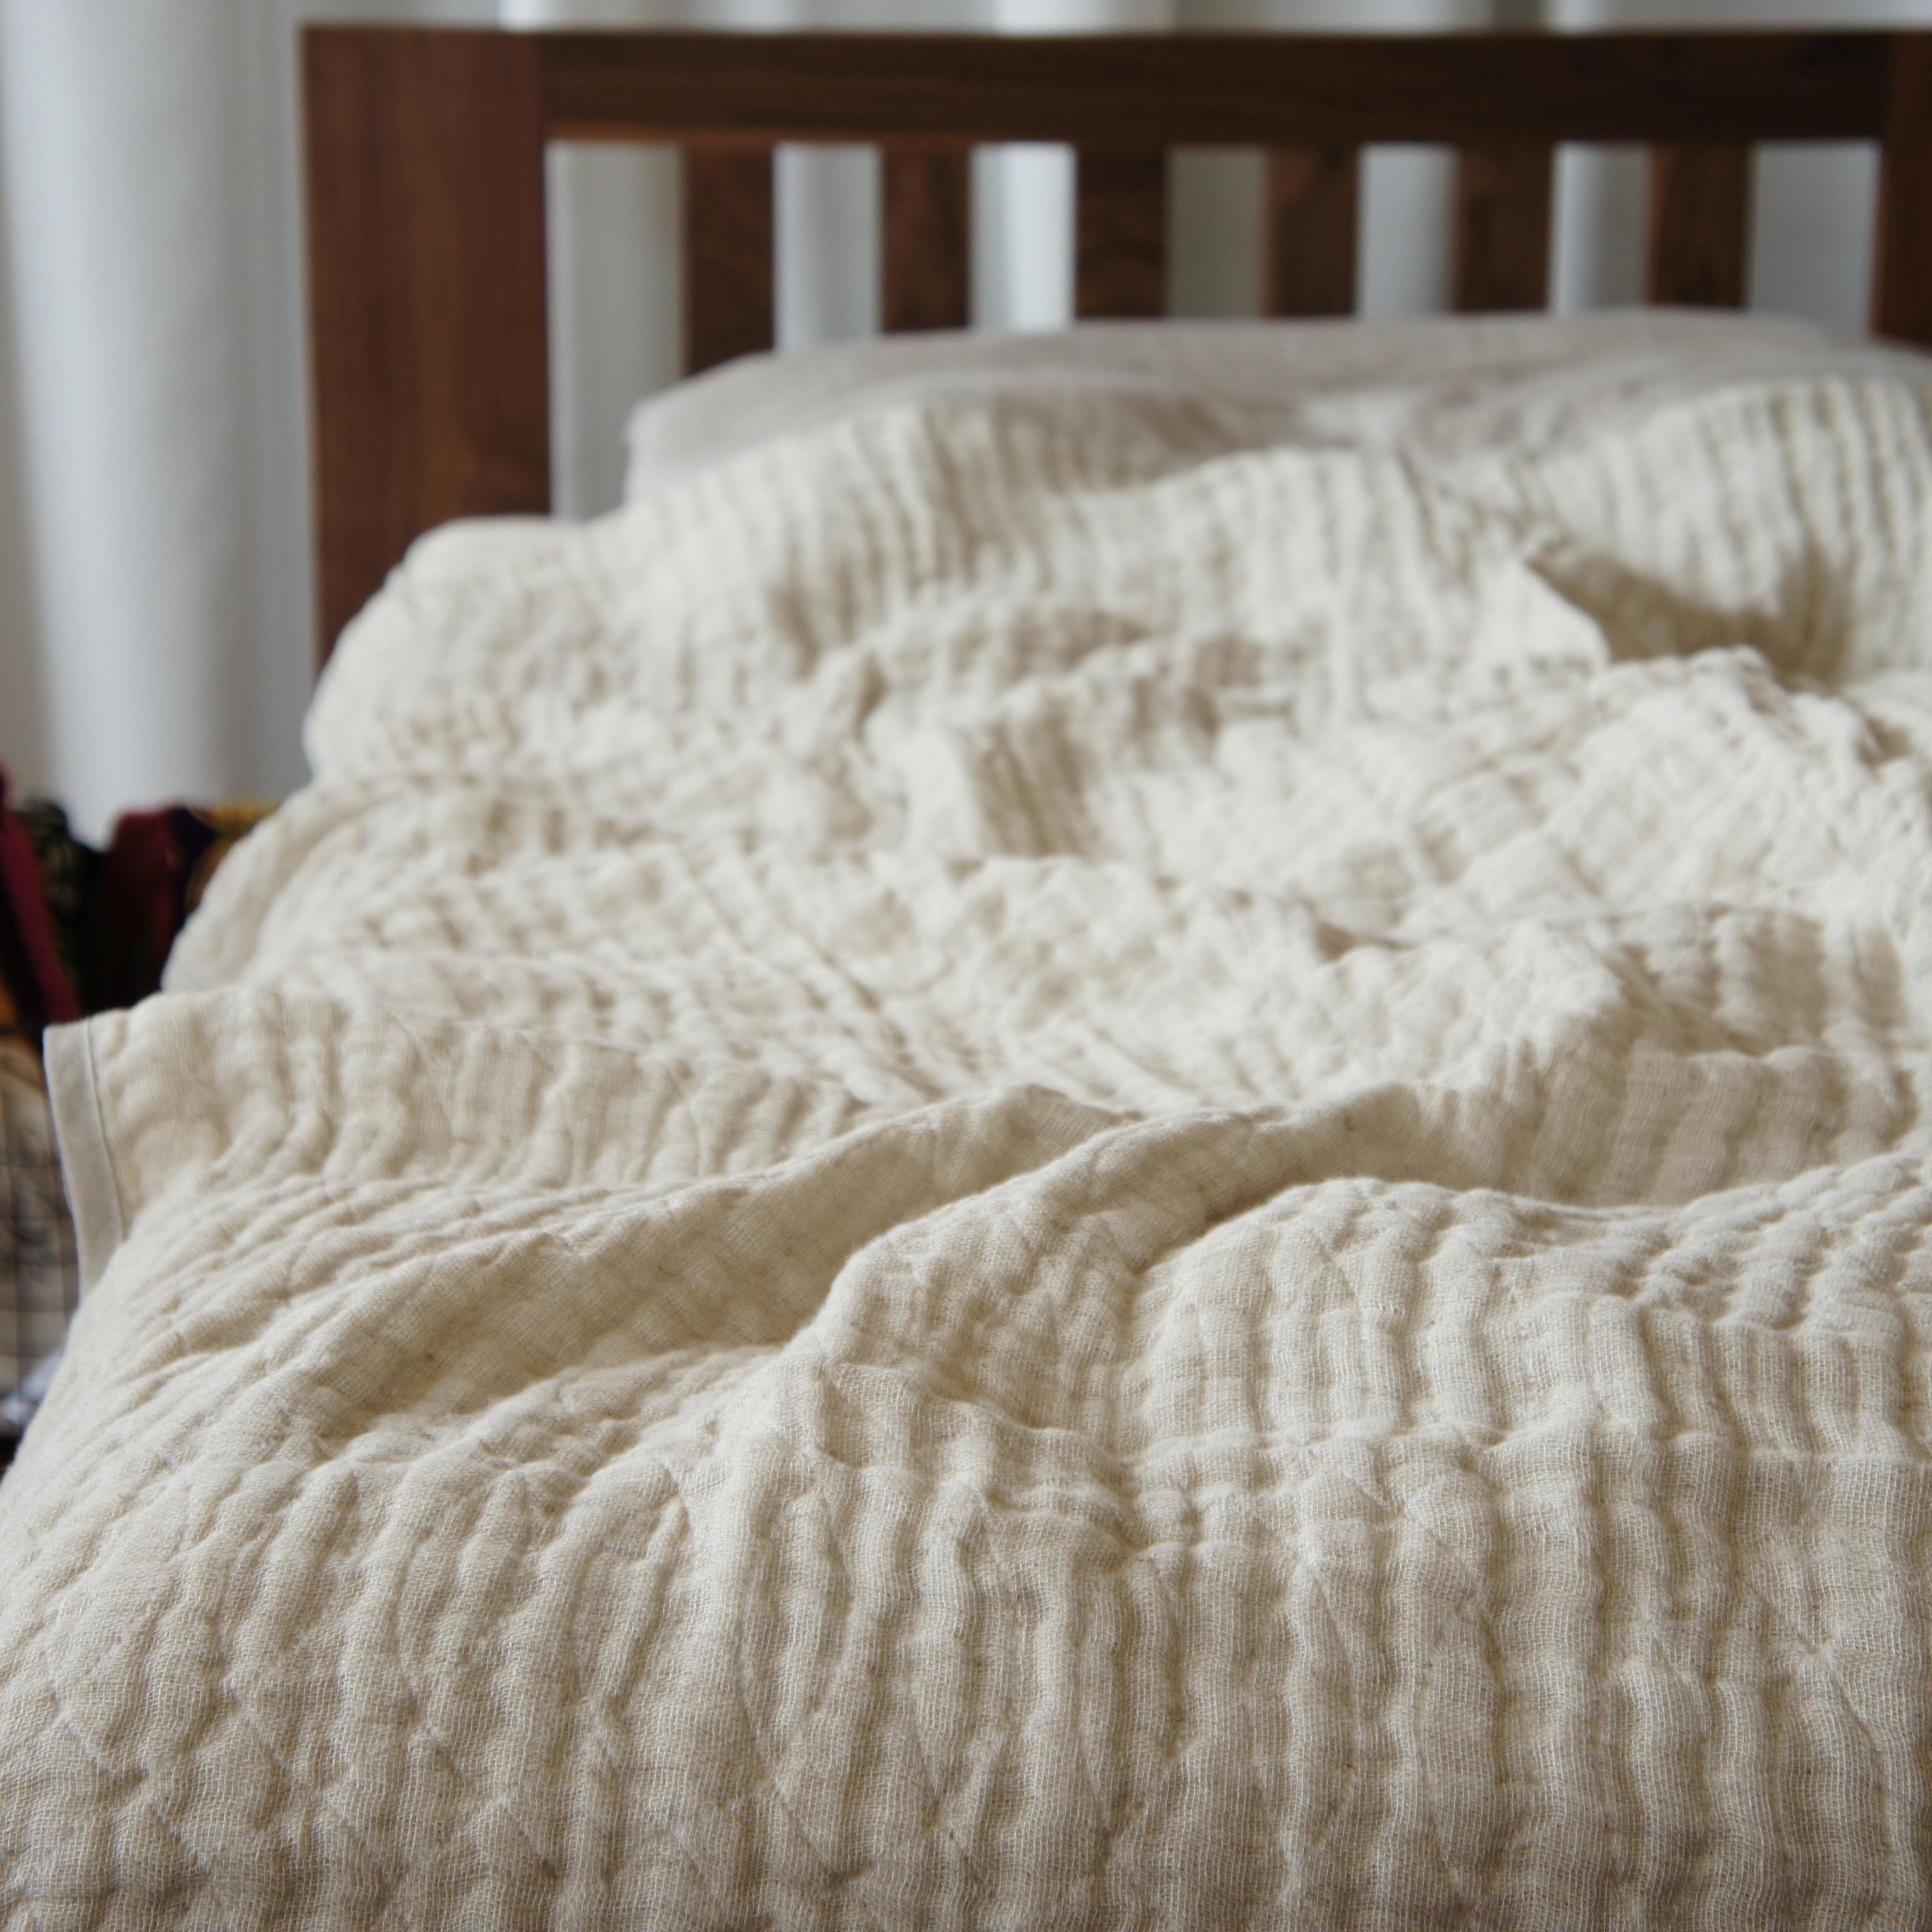 暑い夏でも快眠!驚くほど軽くて涼しいリネン五重ガーゼケットがあなたの睡眠を変える!